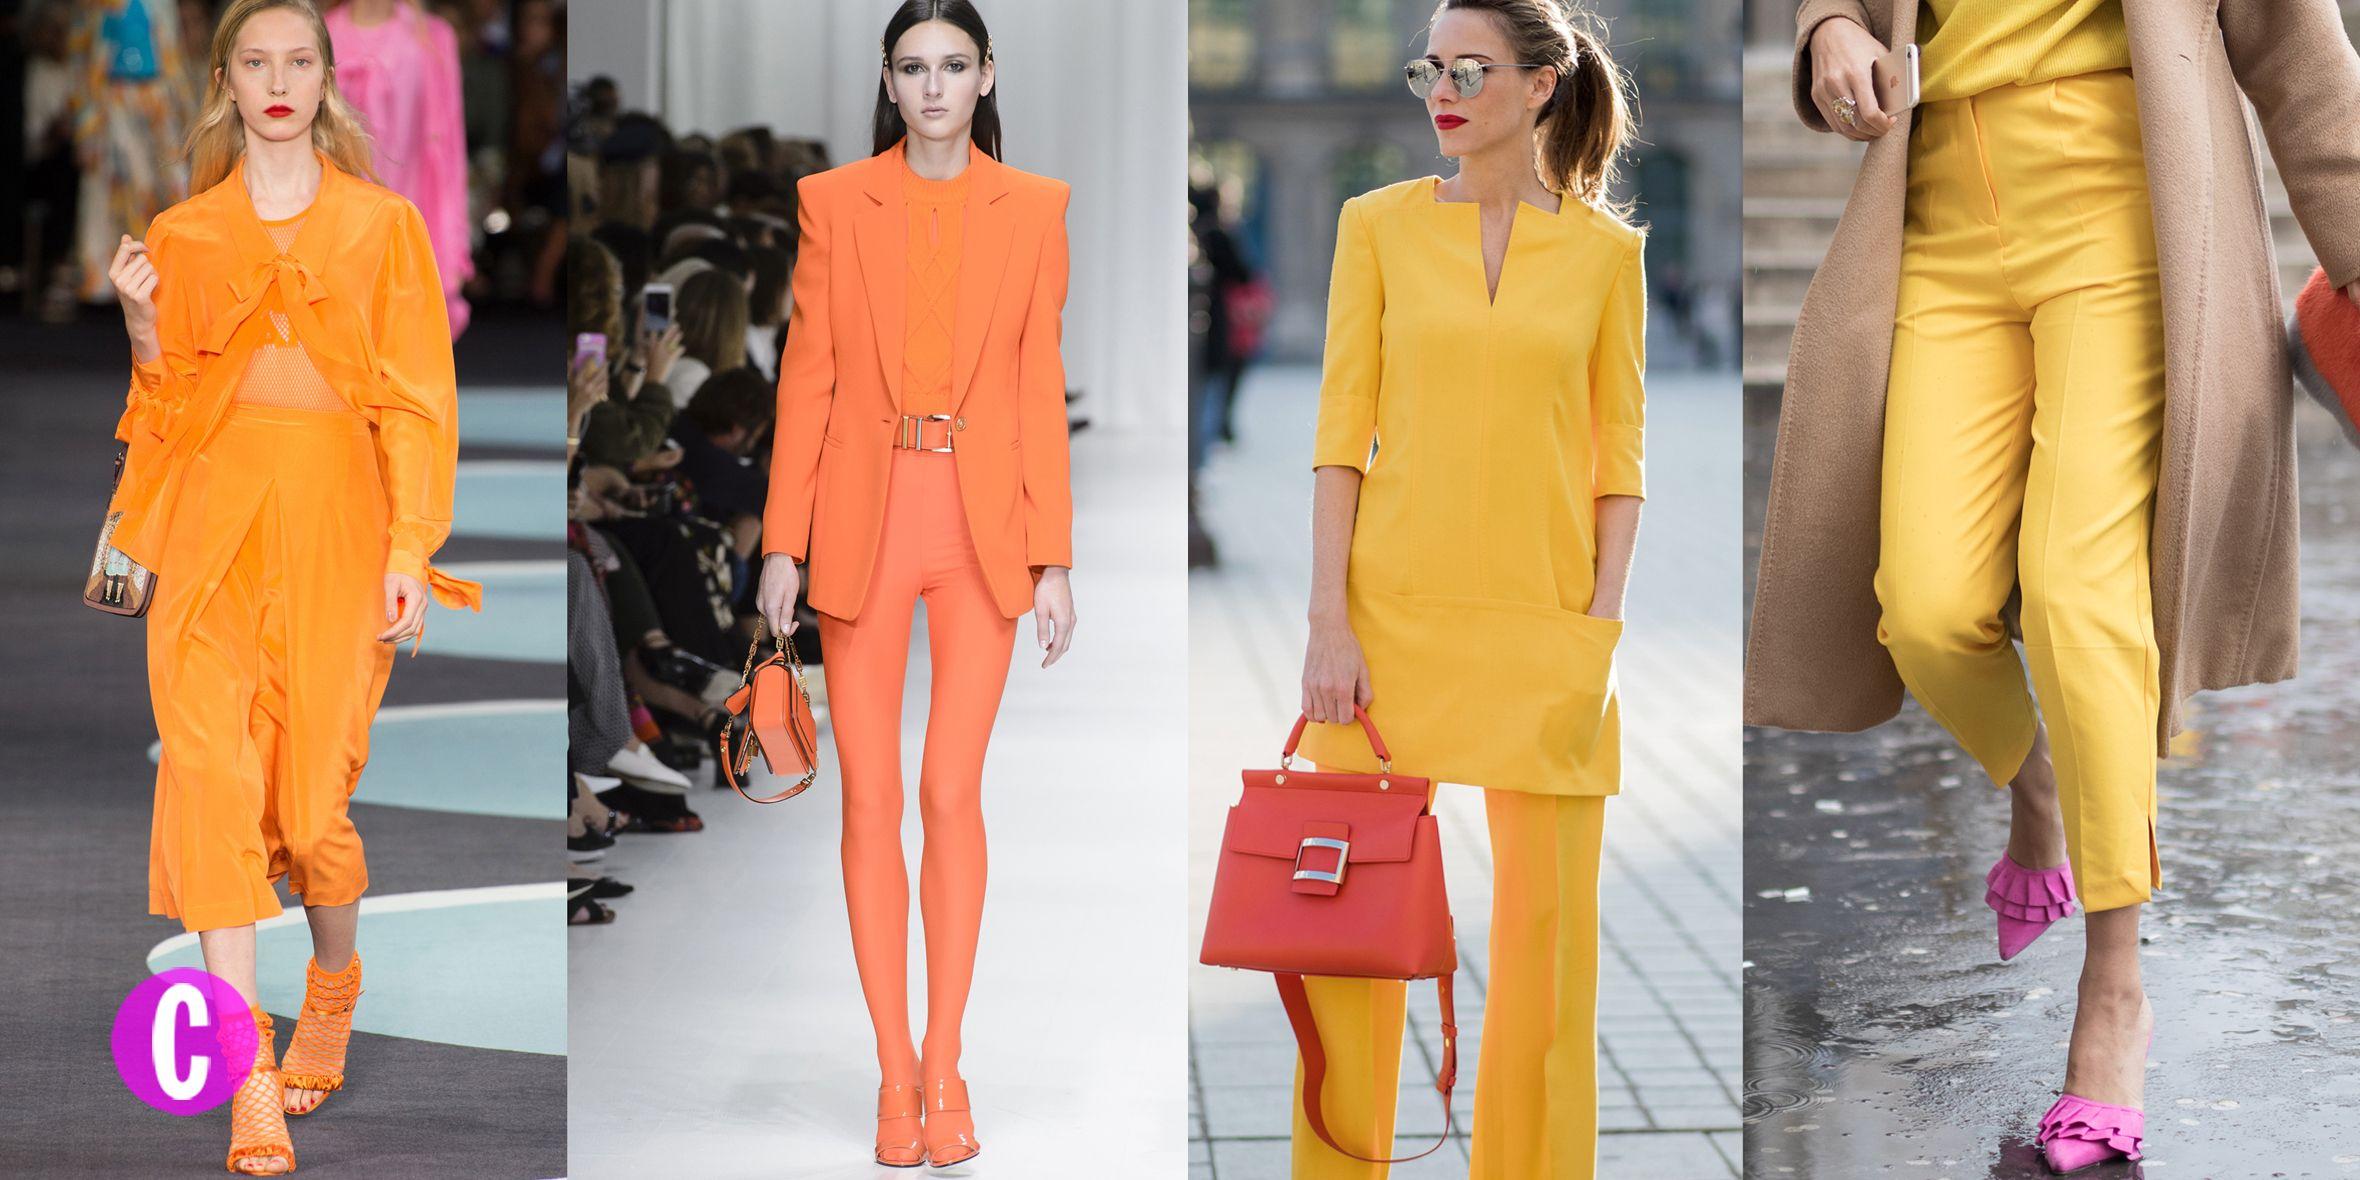 9 colori moda primavera estate 2018 per 18 ispirazioni da copiare subito